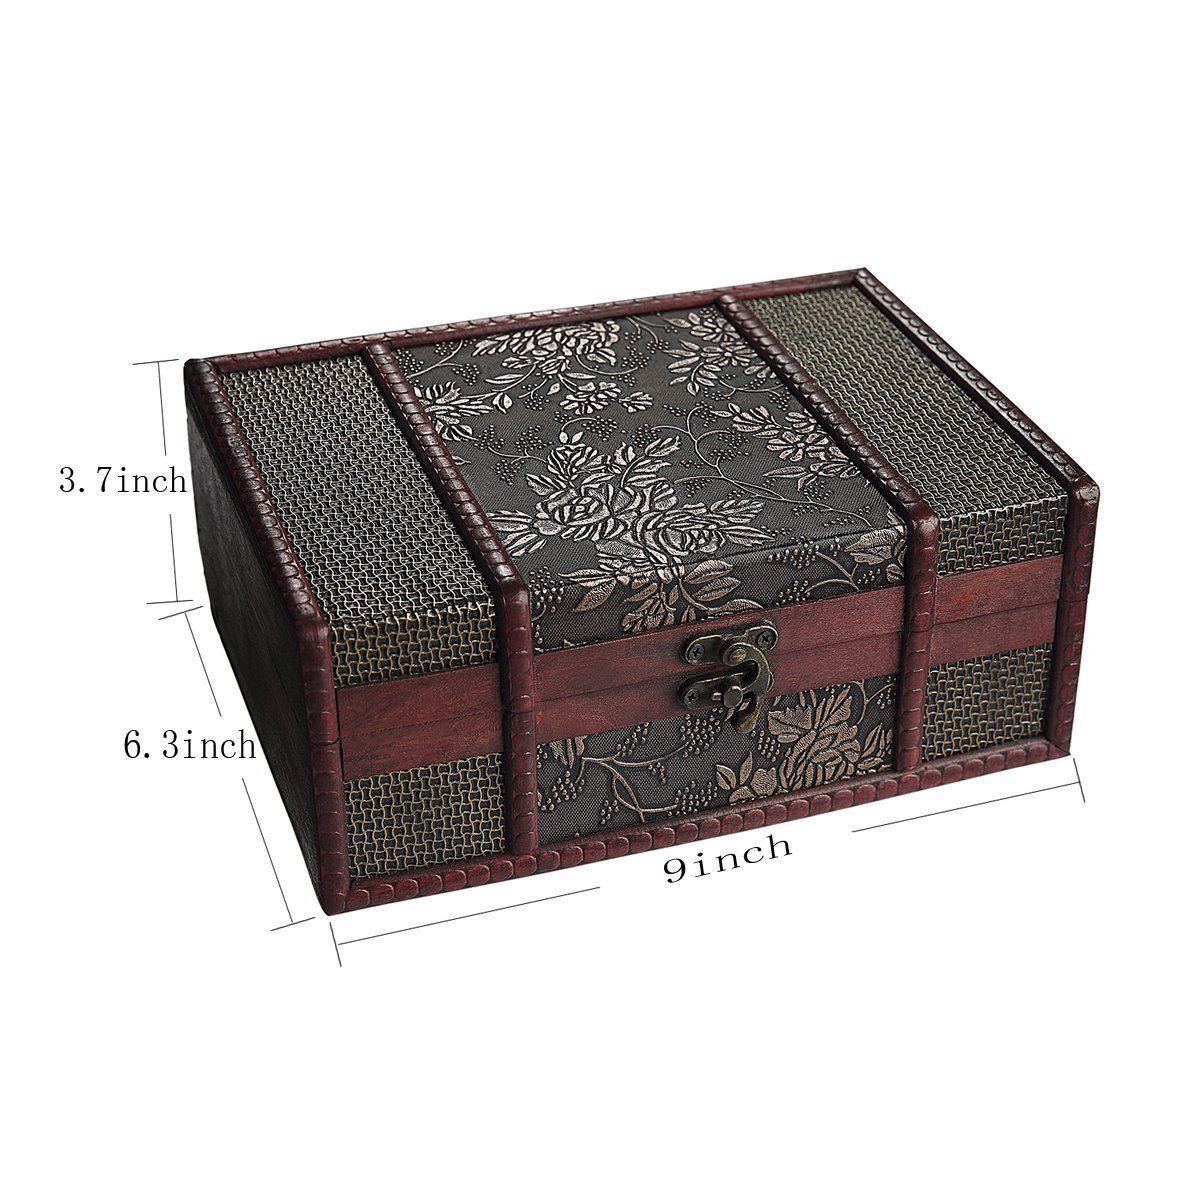 How To Decorate A Treasure Box Sicohome Treasure Box 90Inch Grape Small Trunk Box For Jewelry